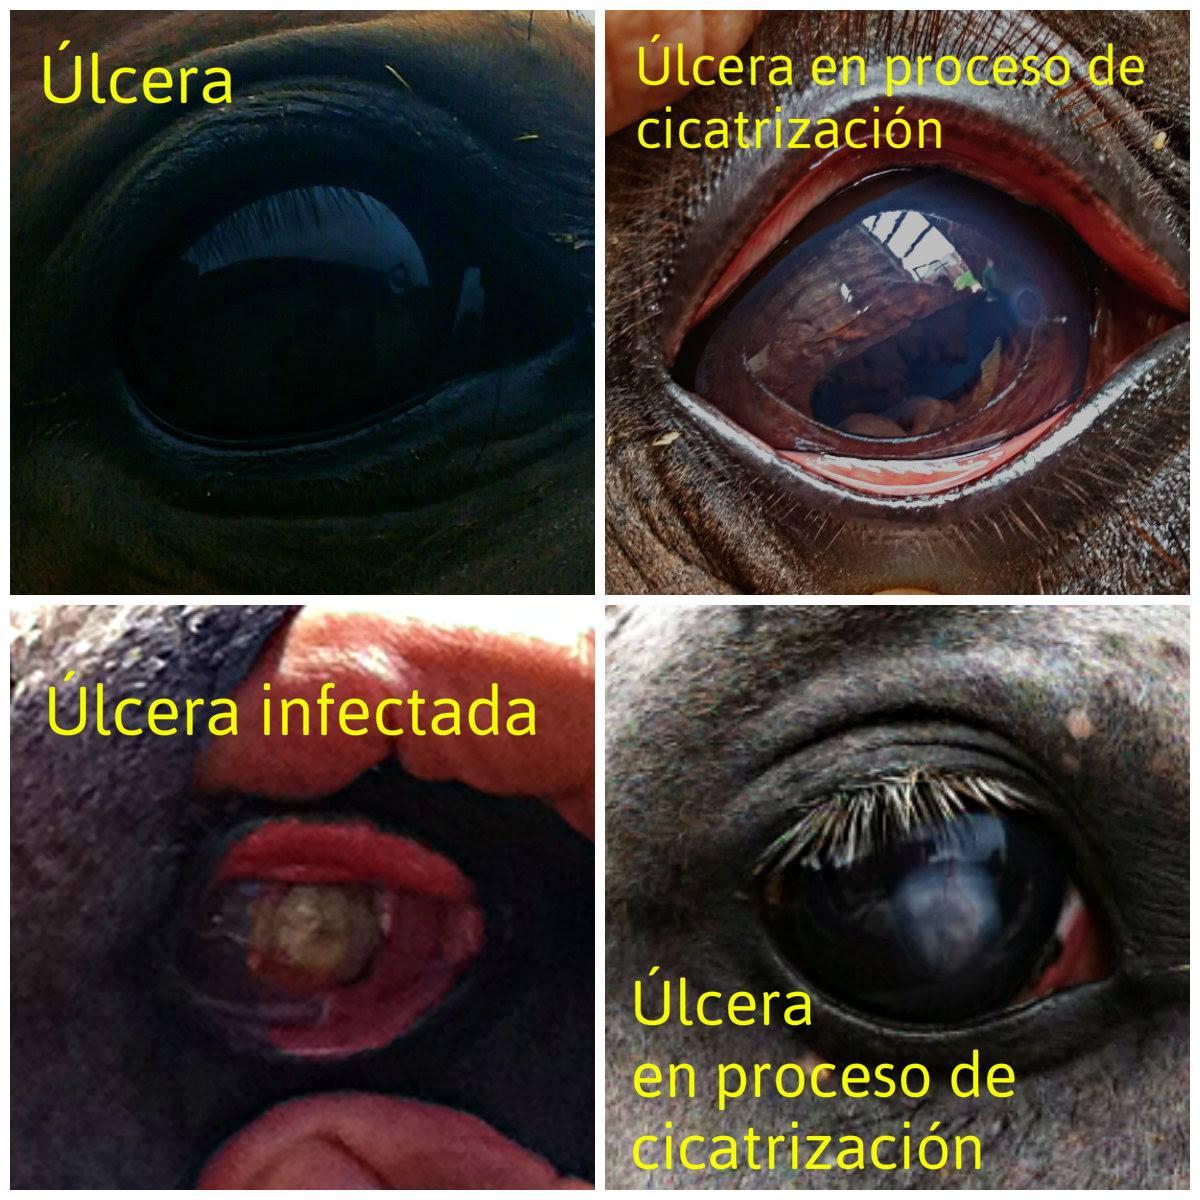 El OJO Y LA VISIÓN DEL CABALLO | Sabino A. Arias, Médico Veterinario ...